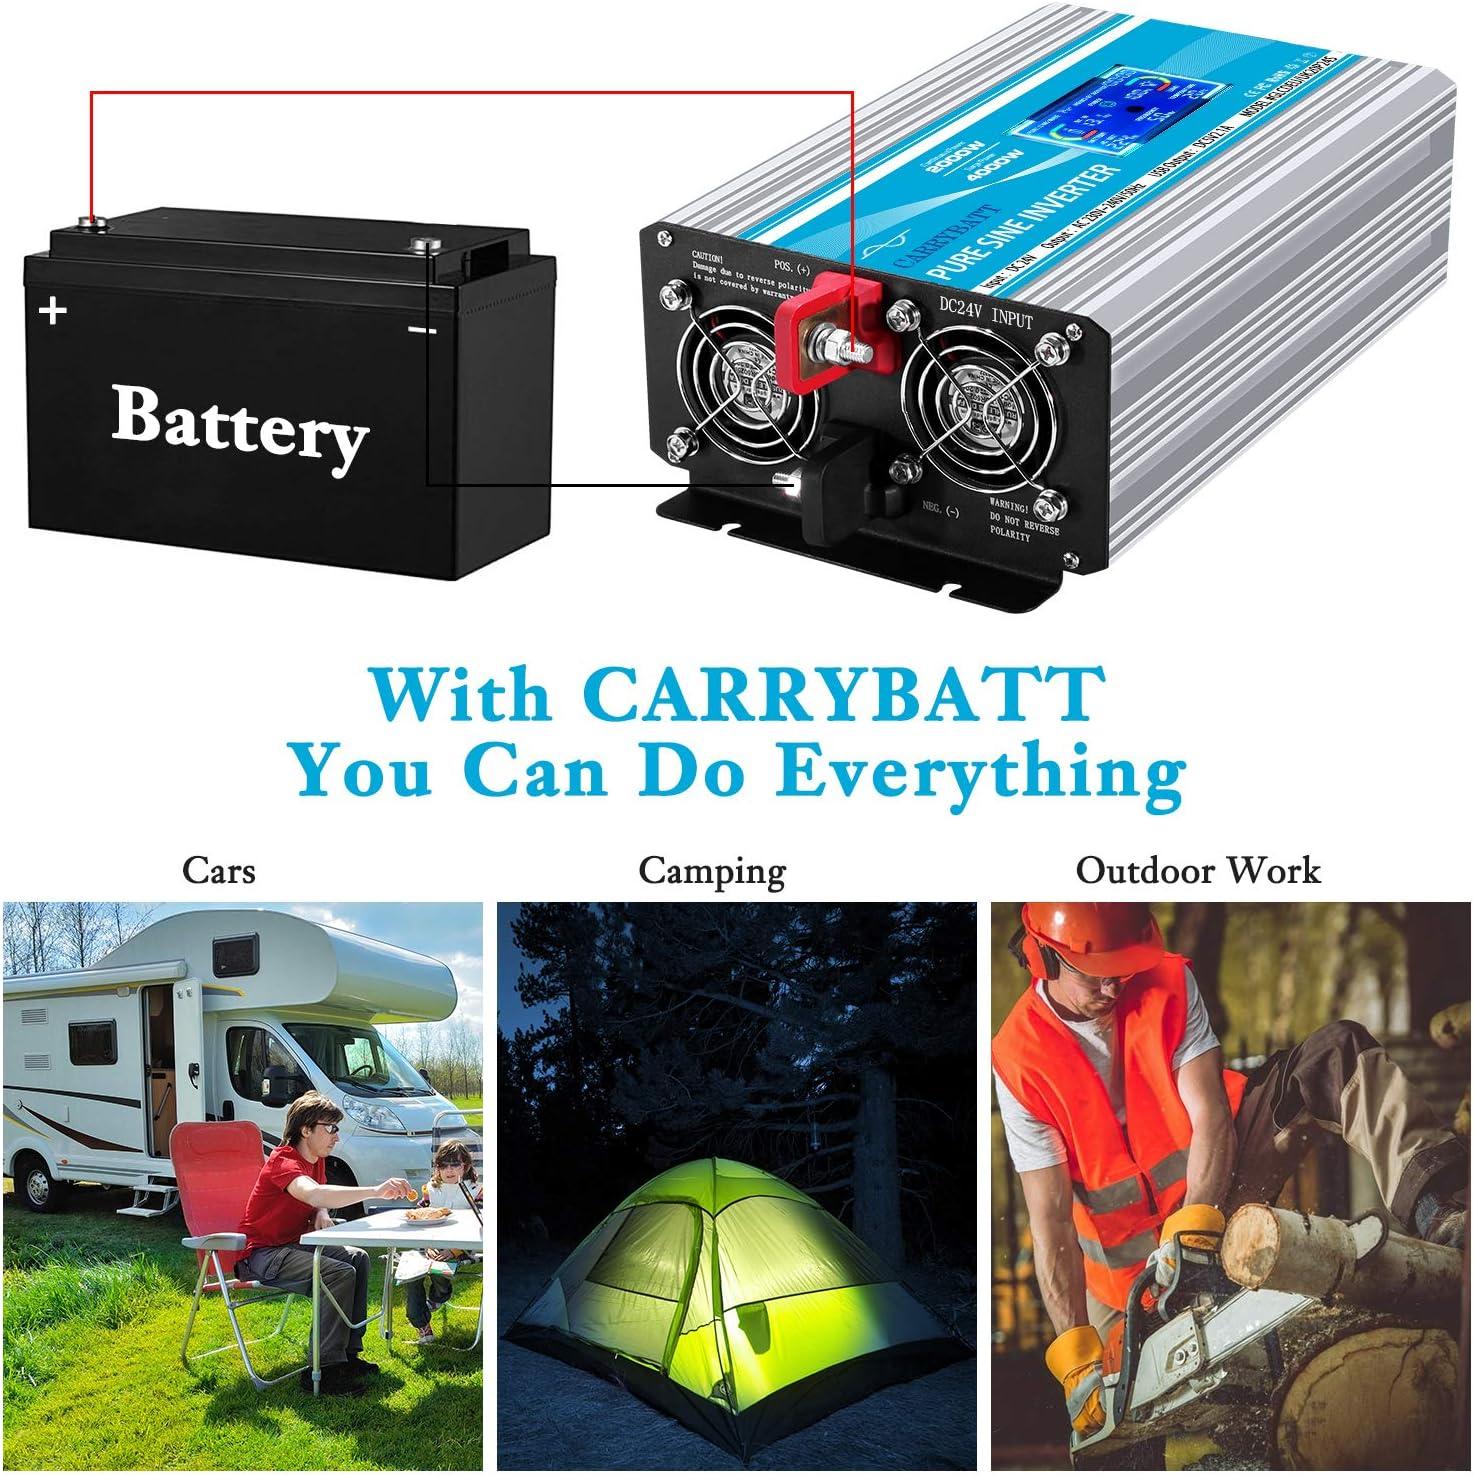 CARRYBATT Convertisseur 2000W Onde Pur Sinus Onduleur DC 24V /à AC 220V 230V transformateur de Tension avec t/él/écommande /& AC Prises de Courant /& 2.1A Port USB-Puissance de Pointe 4000W avec LCD